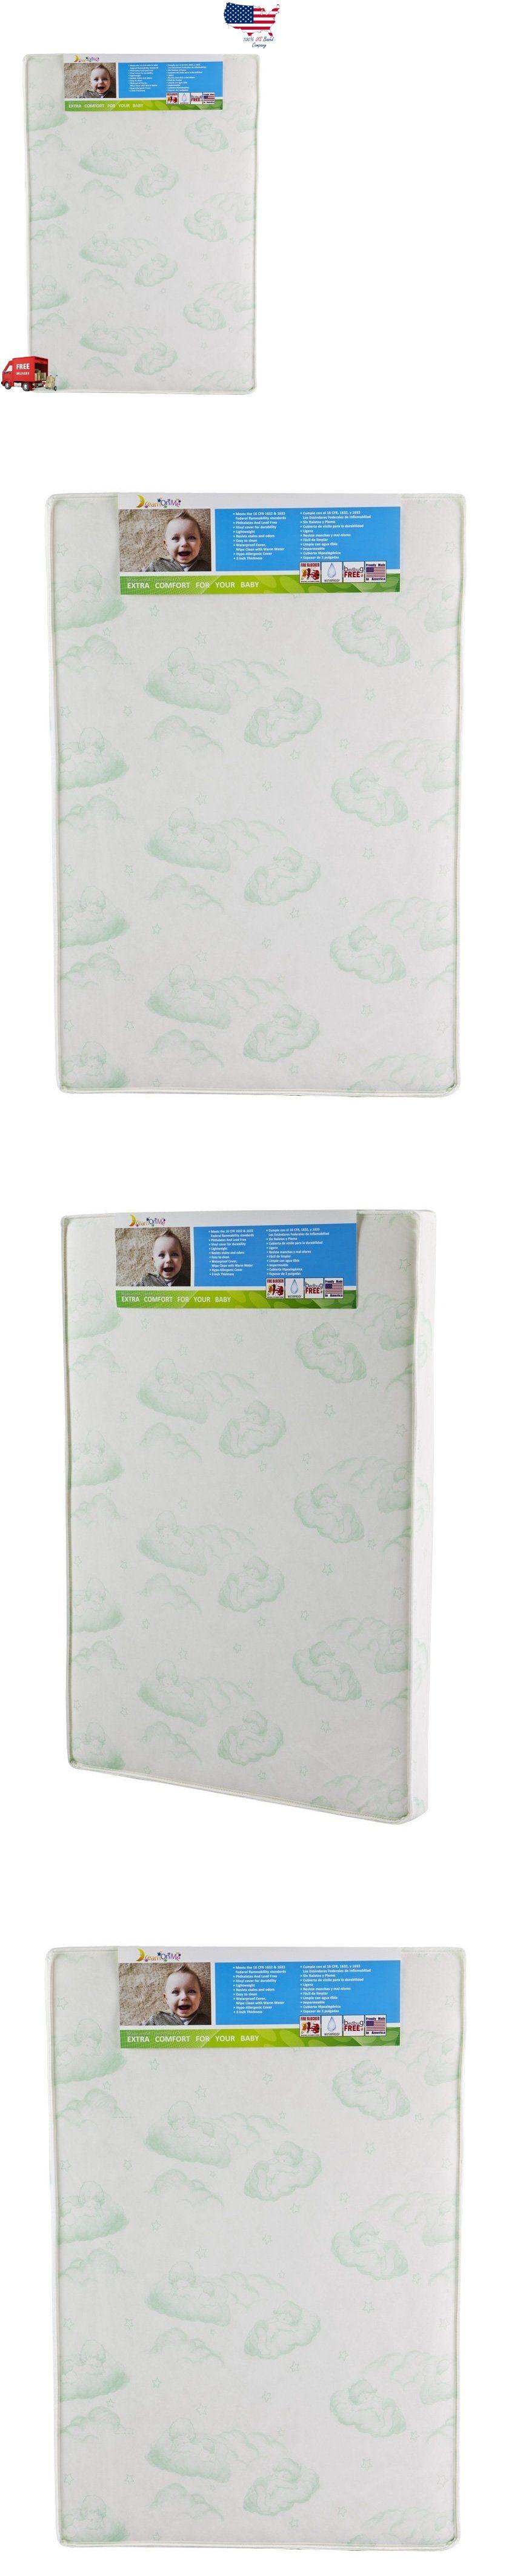 mattress pads and covers 162041 playpen foam mattress fits pack